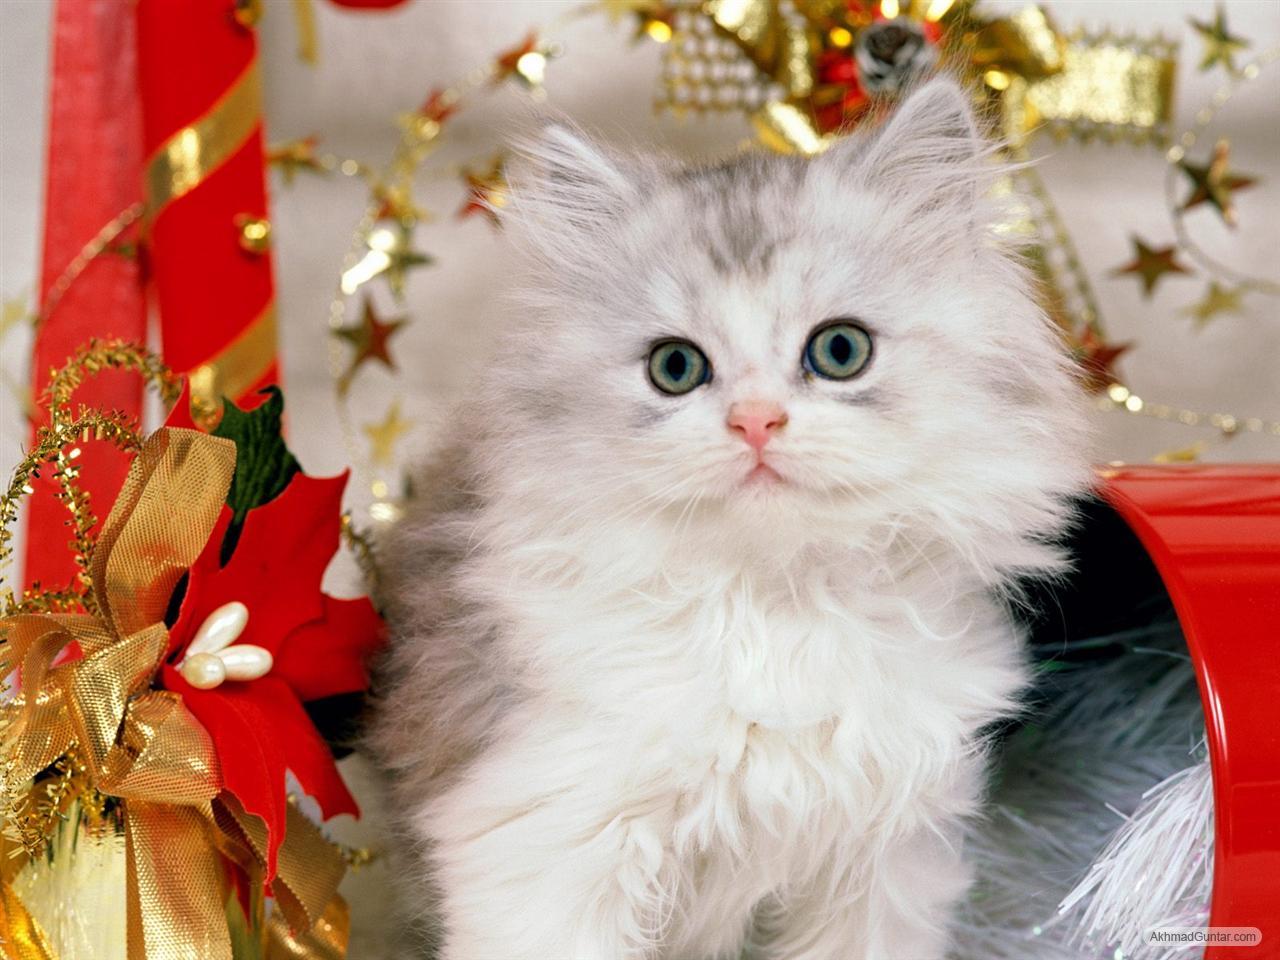 Perawatan Kucing Kucing Putih Lucu Dan Menggemaskan